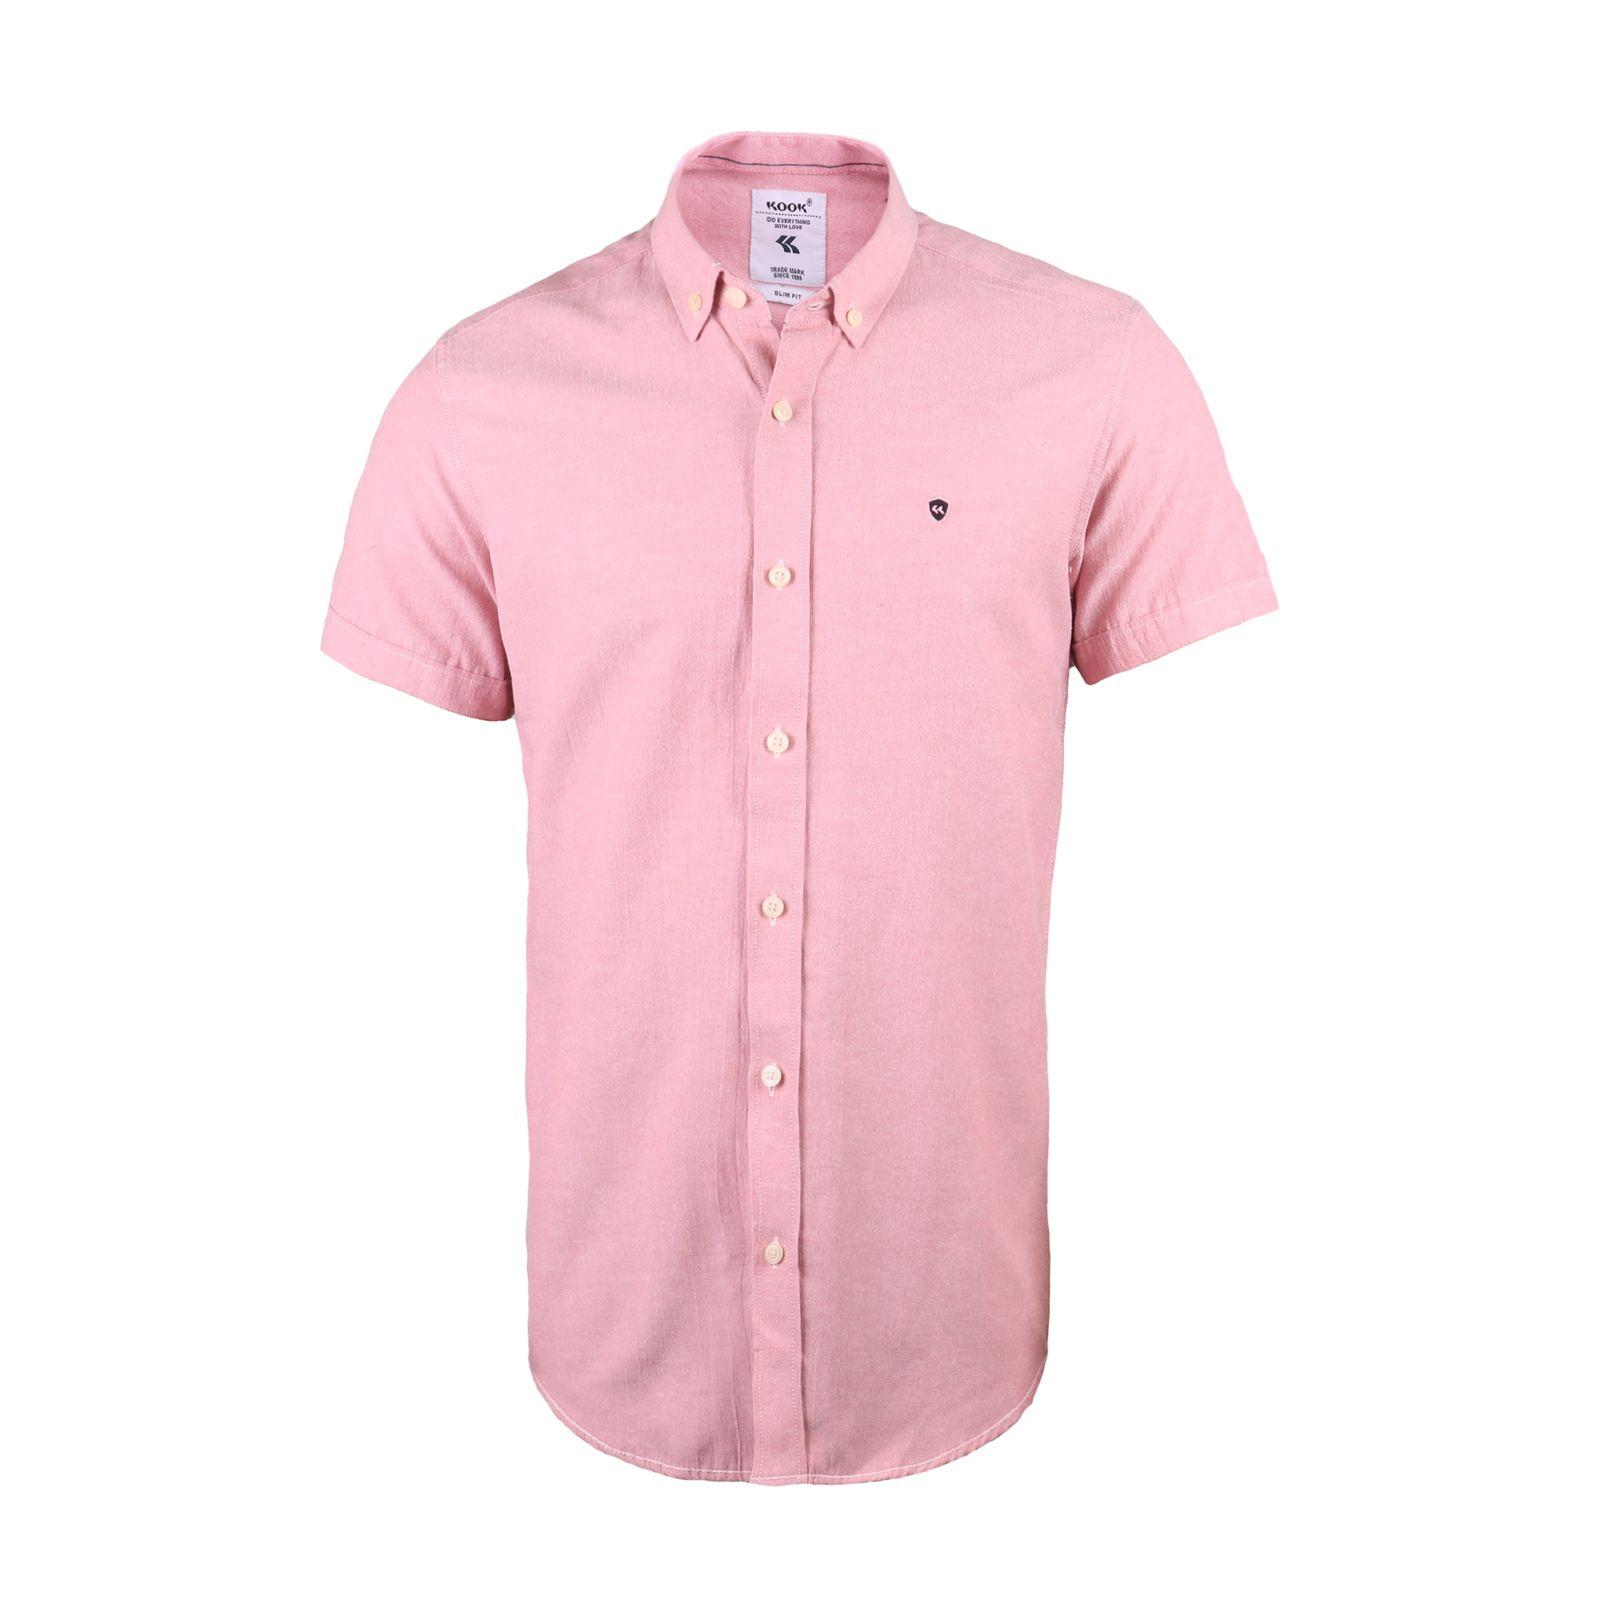 پیراهن مردانه کوک تریکو مدل 61728 -  - 2